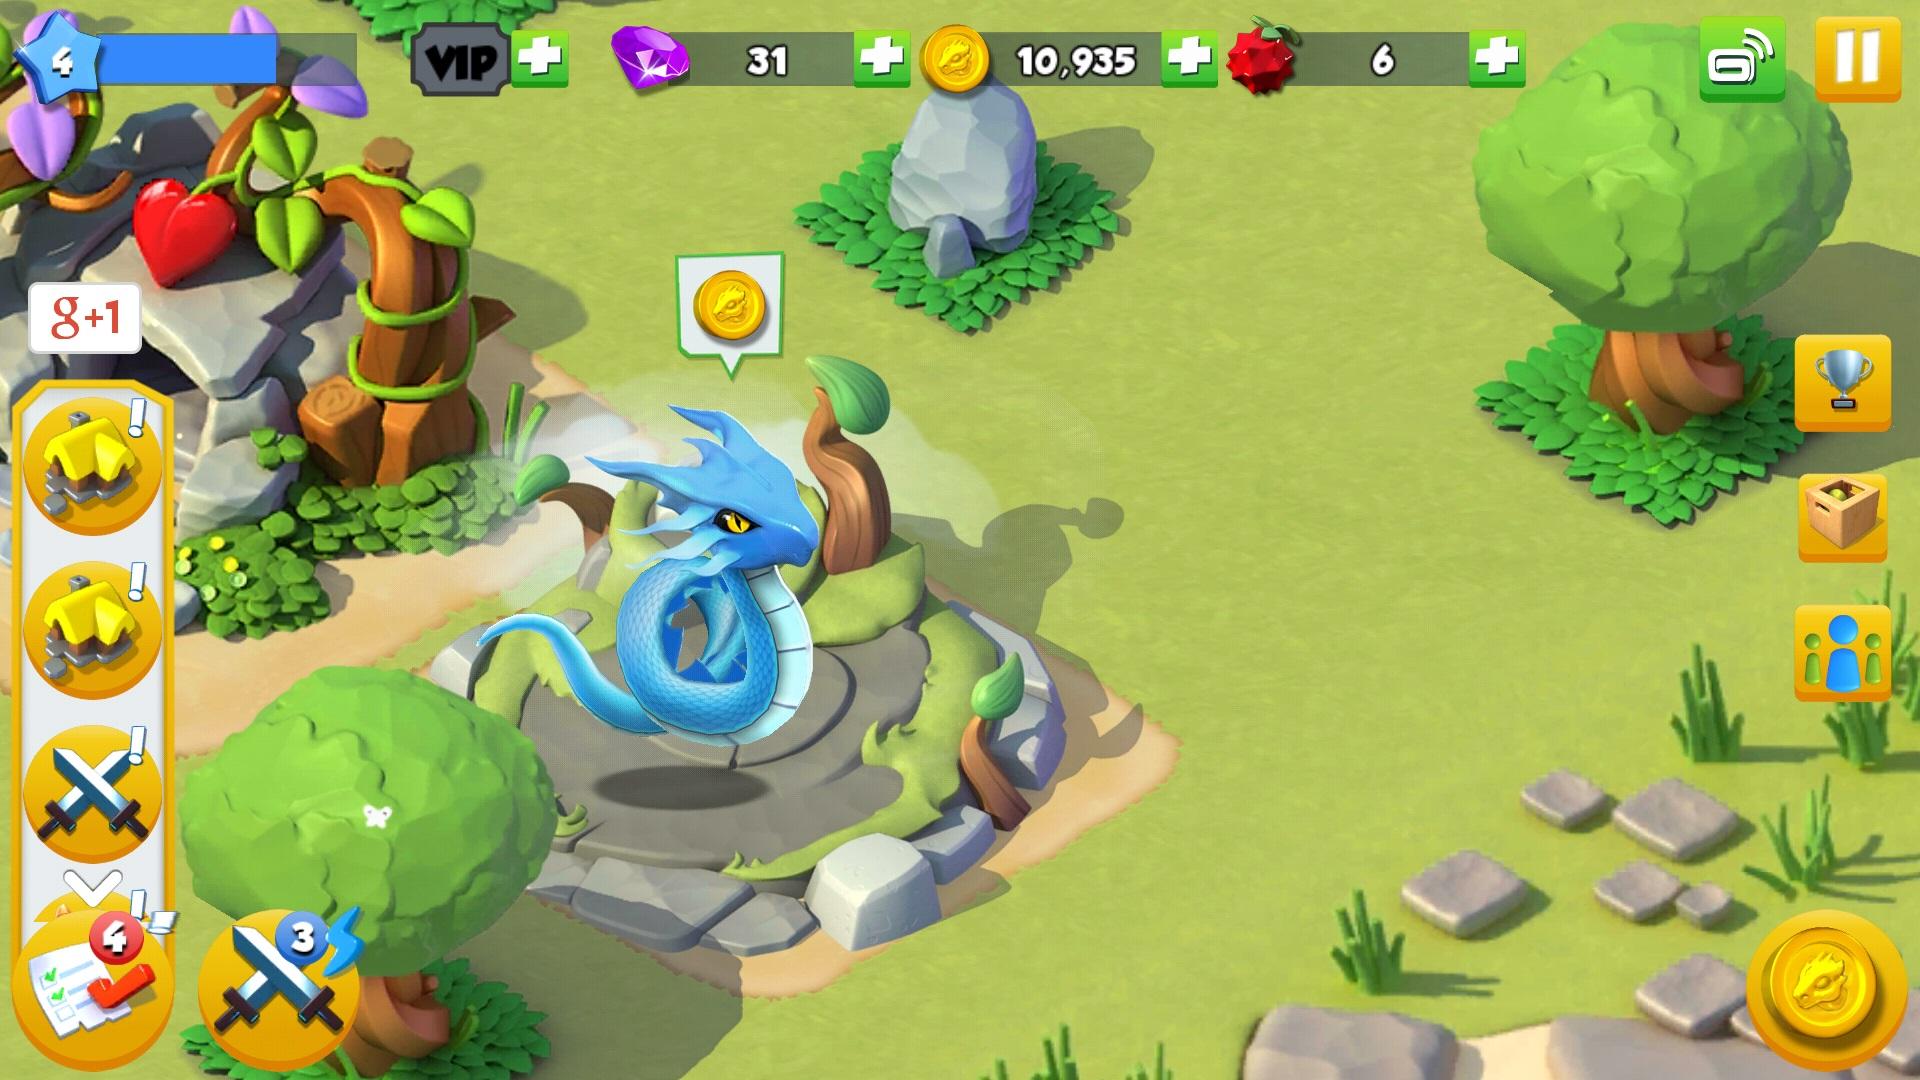 Скачать, dragon Mania.0.0 APK мод : много денег) на андроид бесплатно